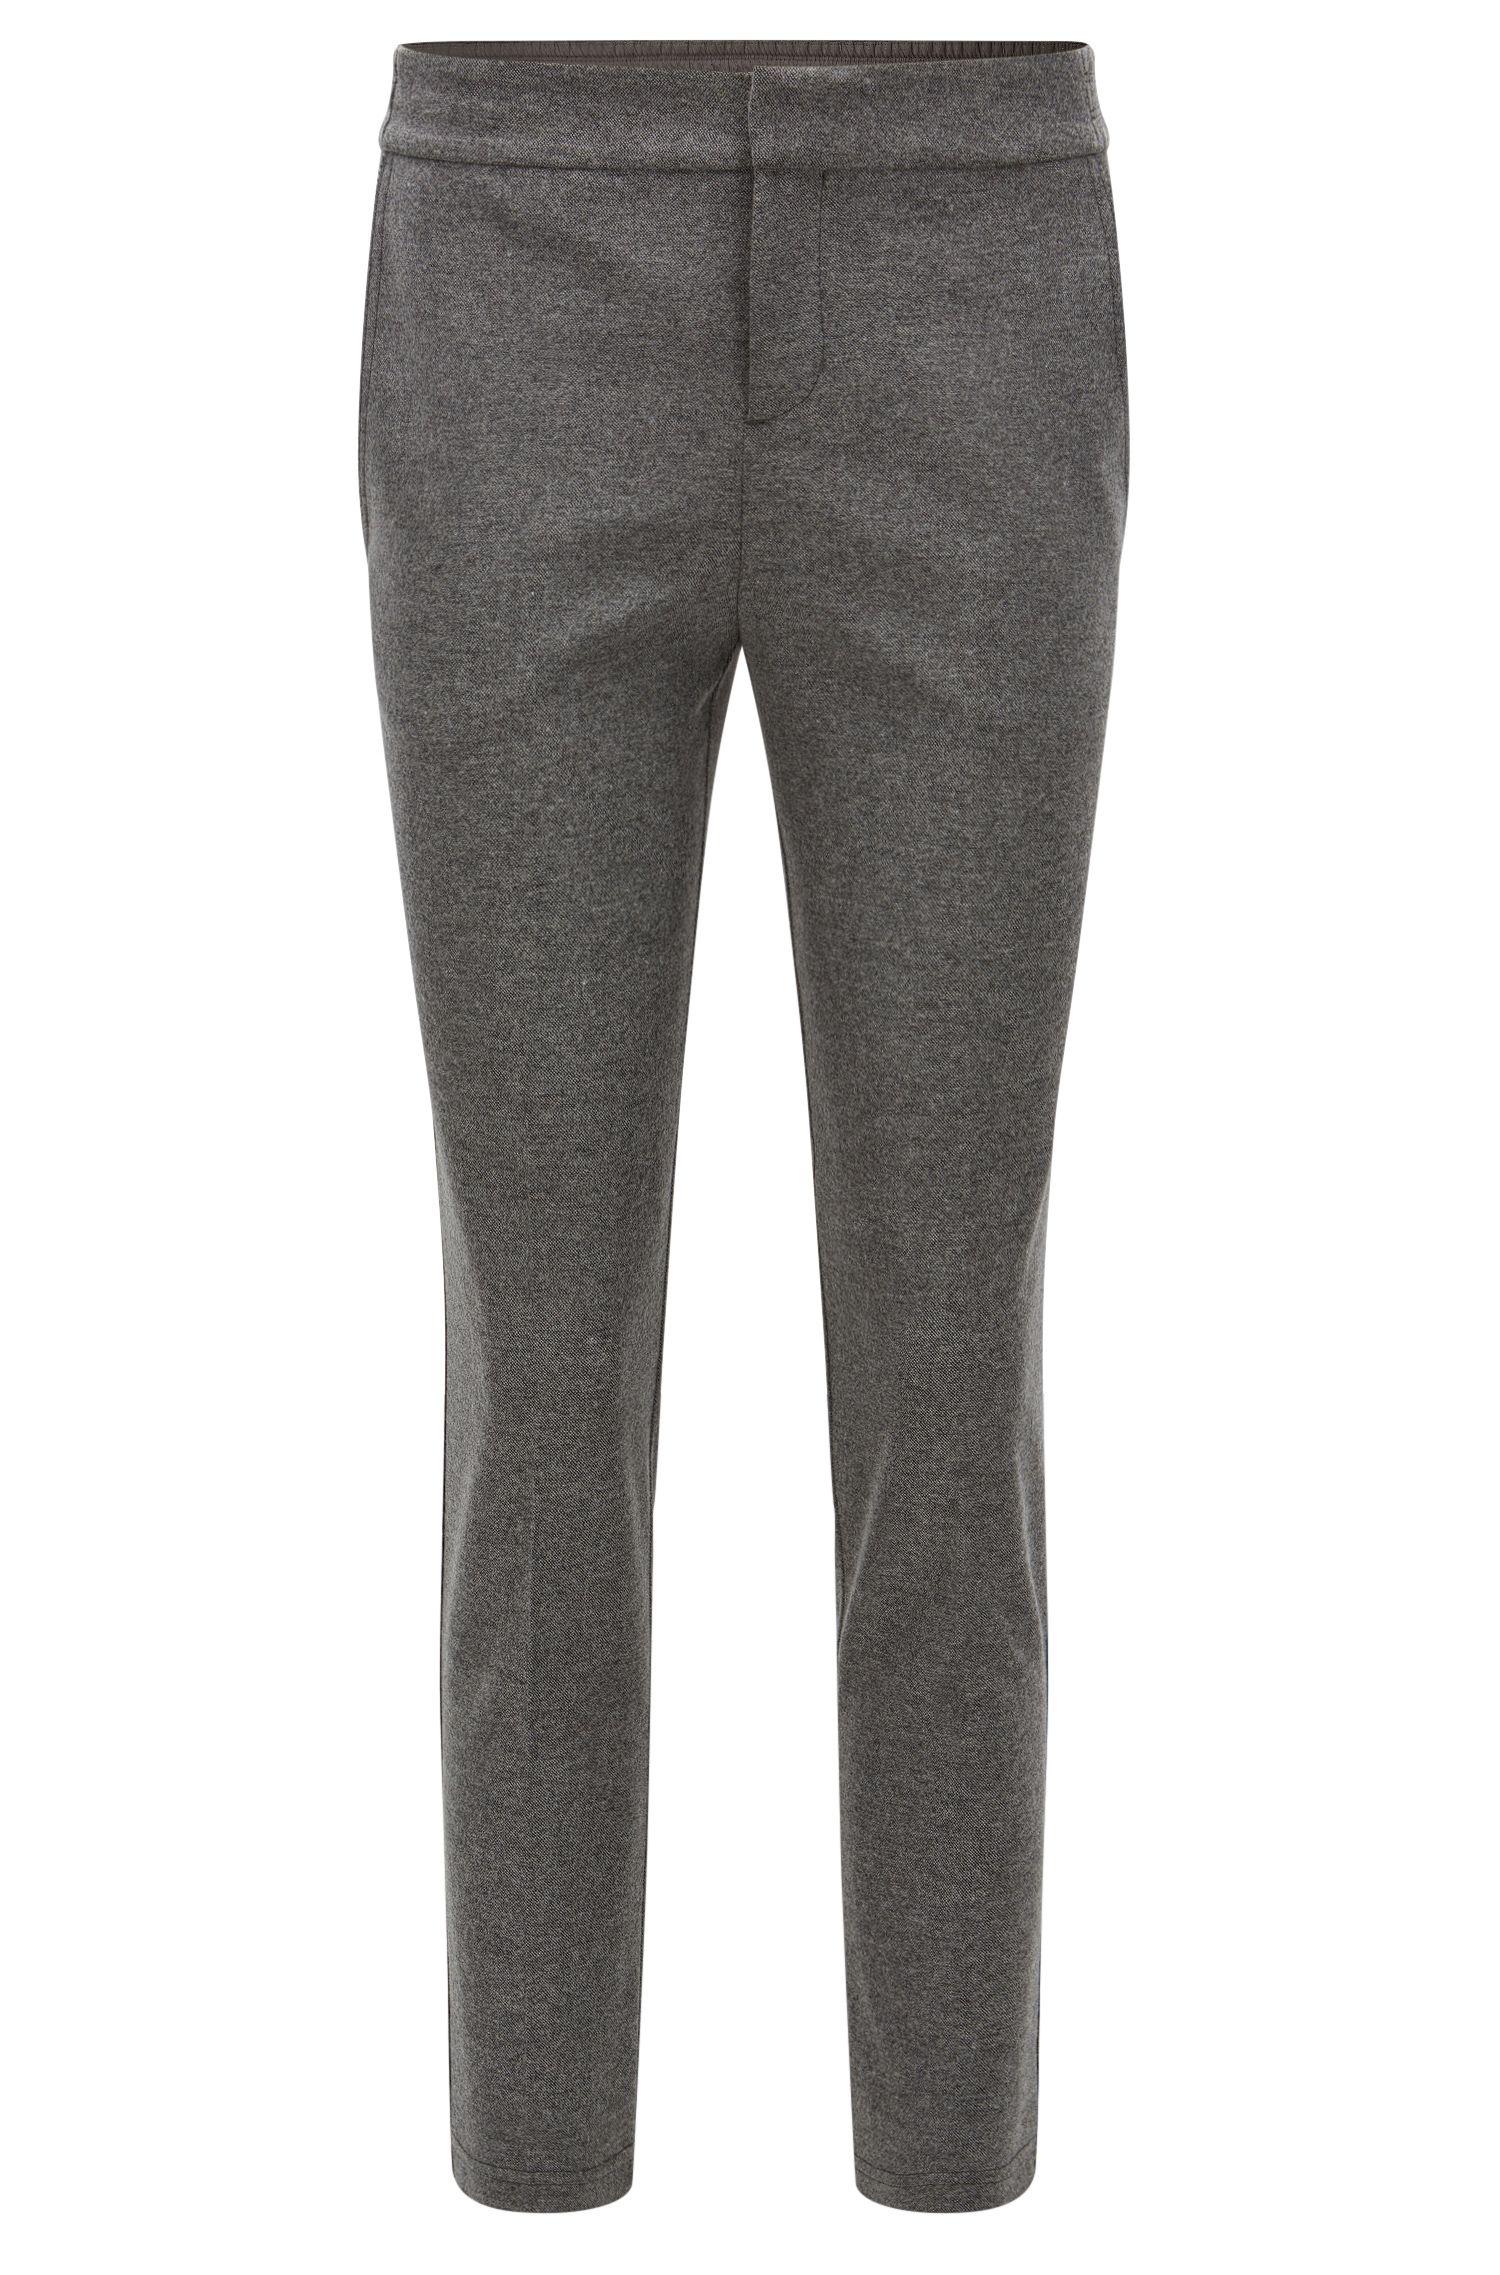 Pantalones regular fit en franela con cintura elástica